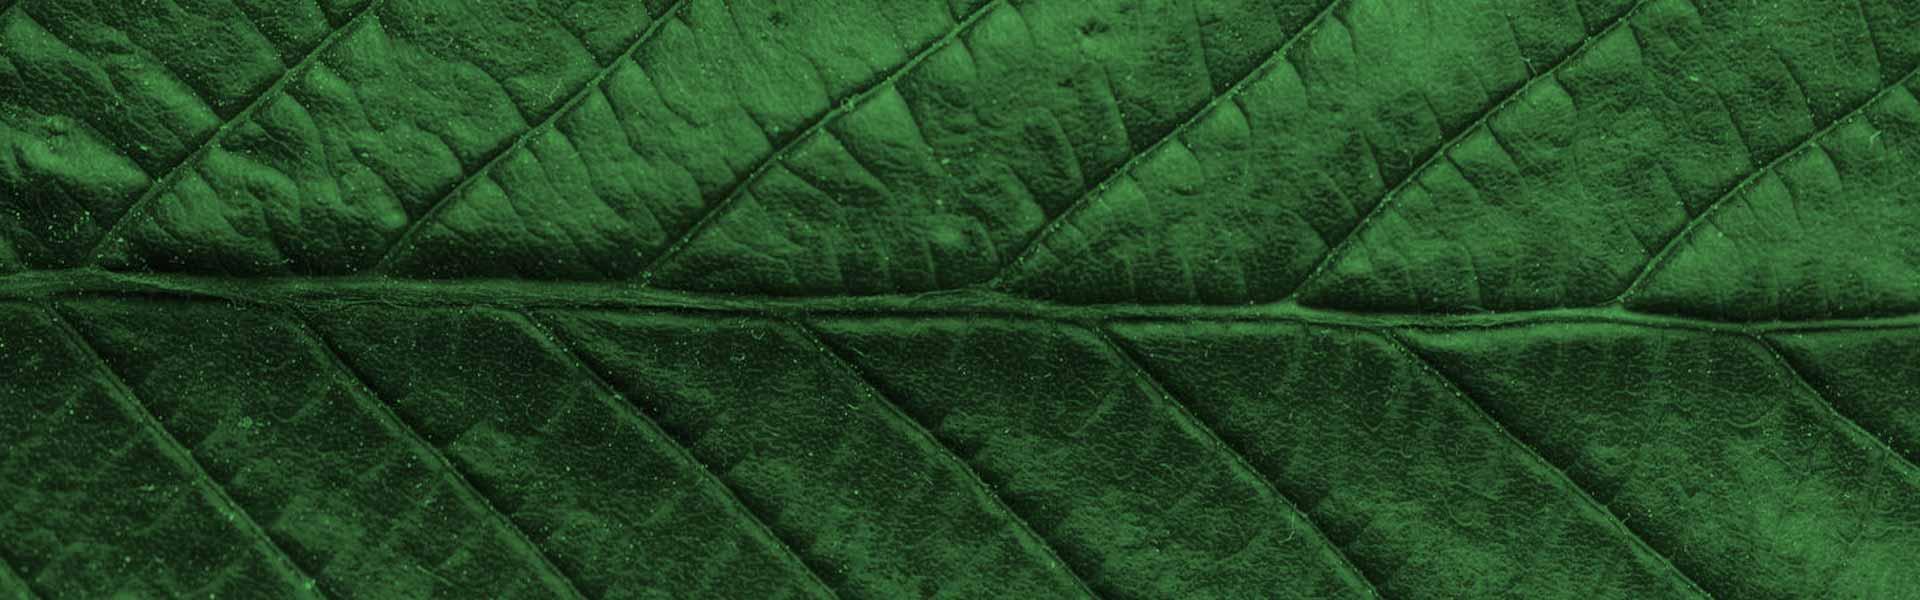 leaves-texture-bg-4